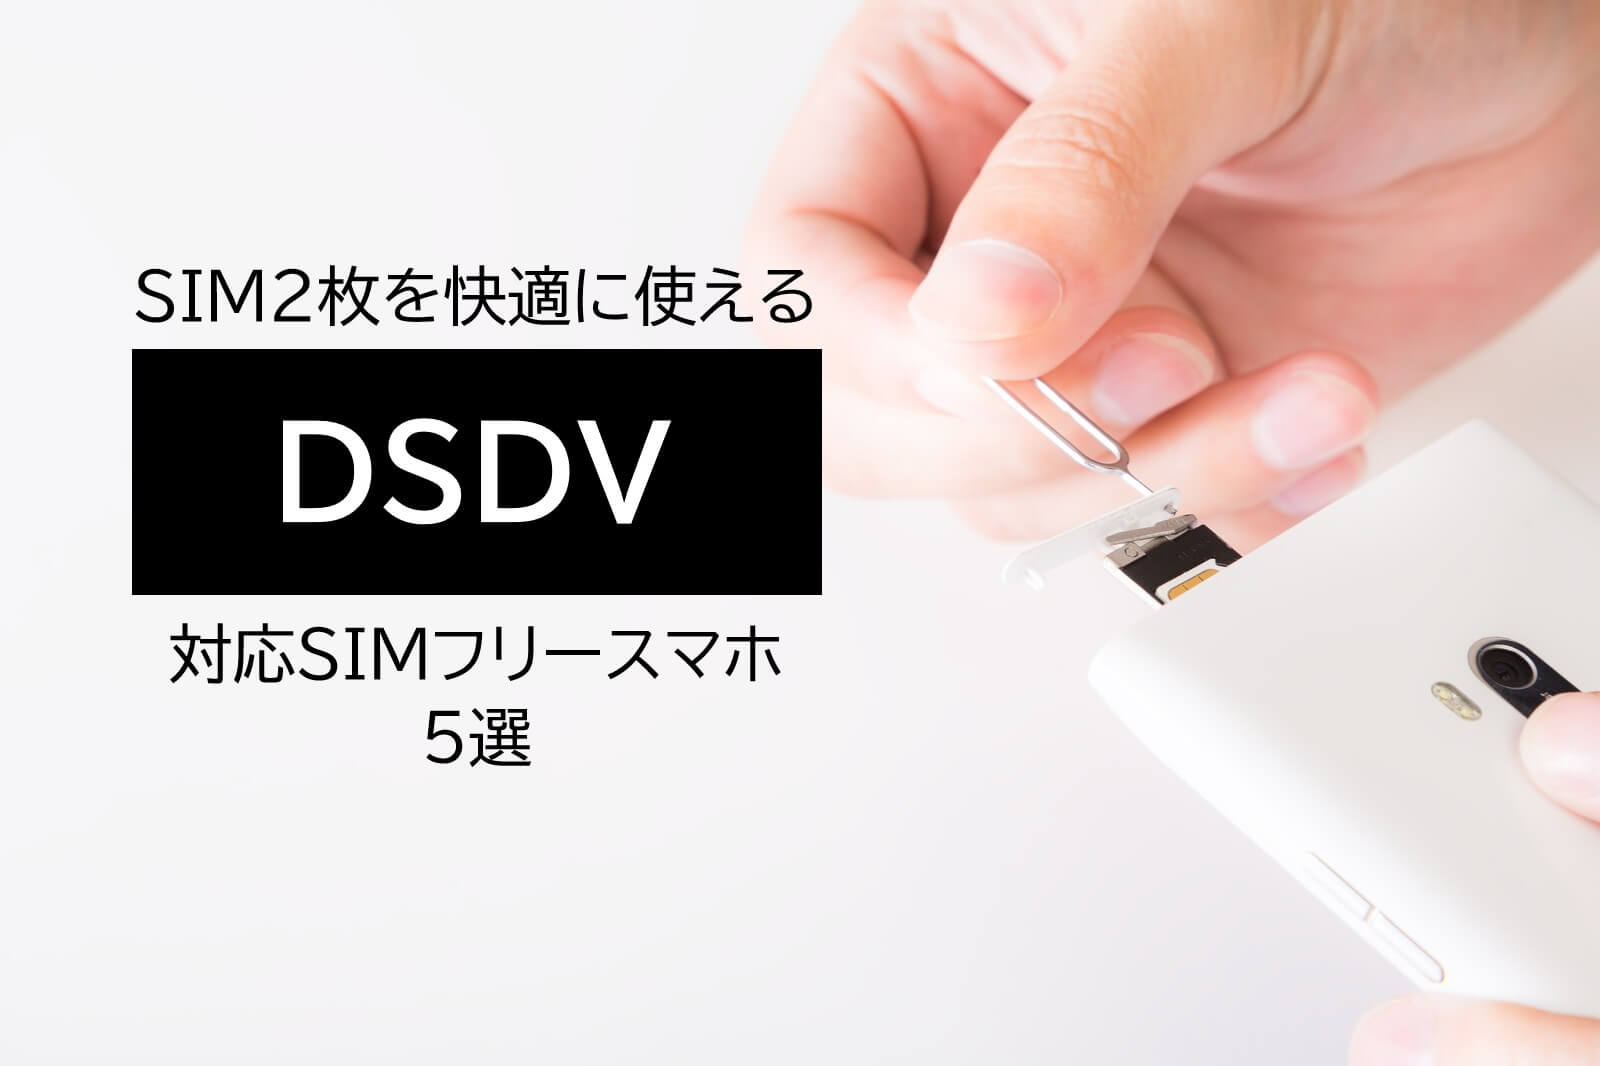 [2021年最新]DSDV対応SIMフリースマホ5選!2枚のSIMカードで通信料金も節約できる!?